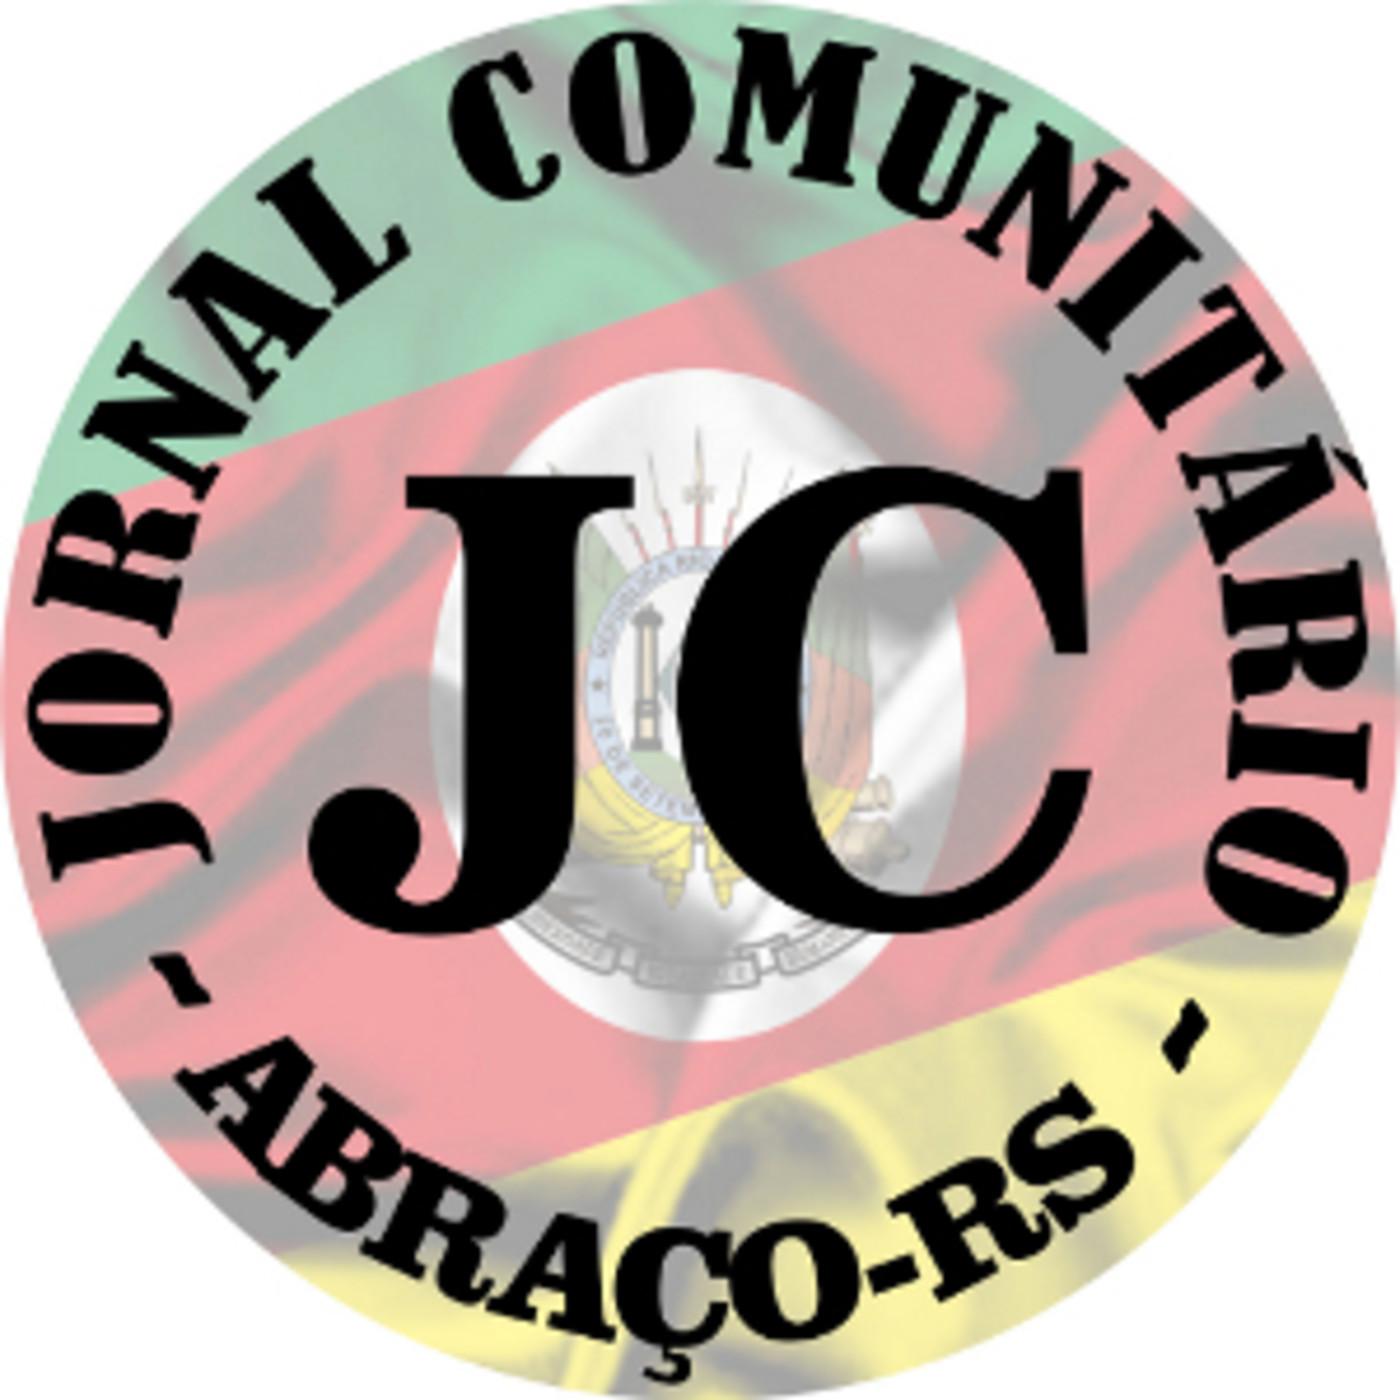 Jornal Comunitário - Rio Grande do Sul - Edição 1863, do dia 21 de outubro de 2019